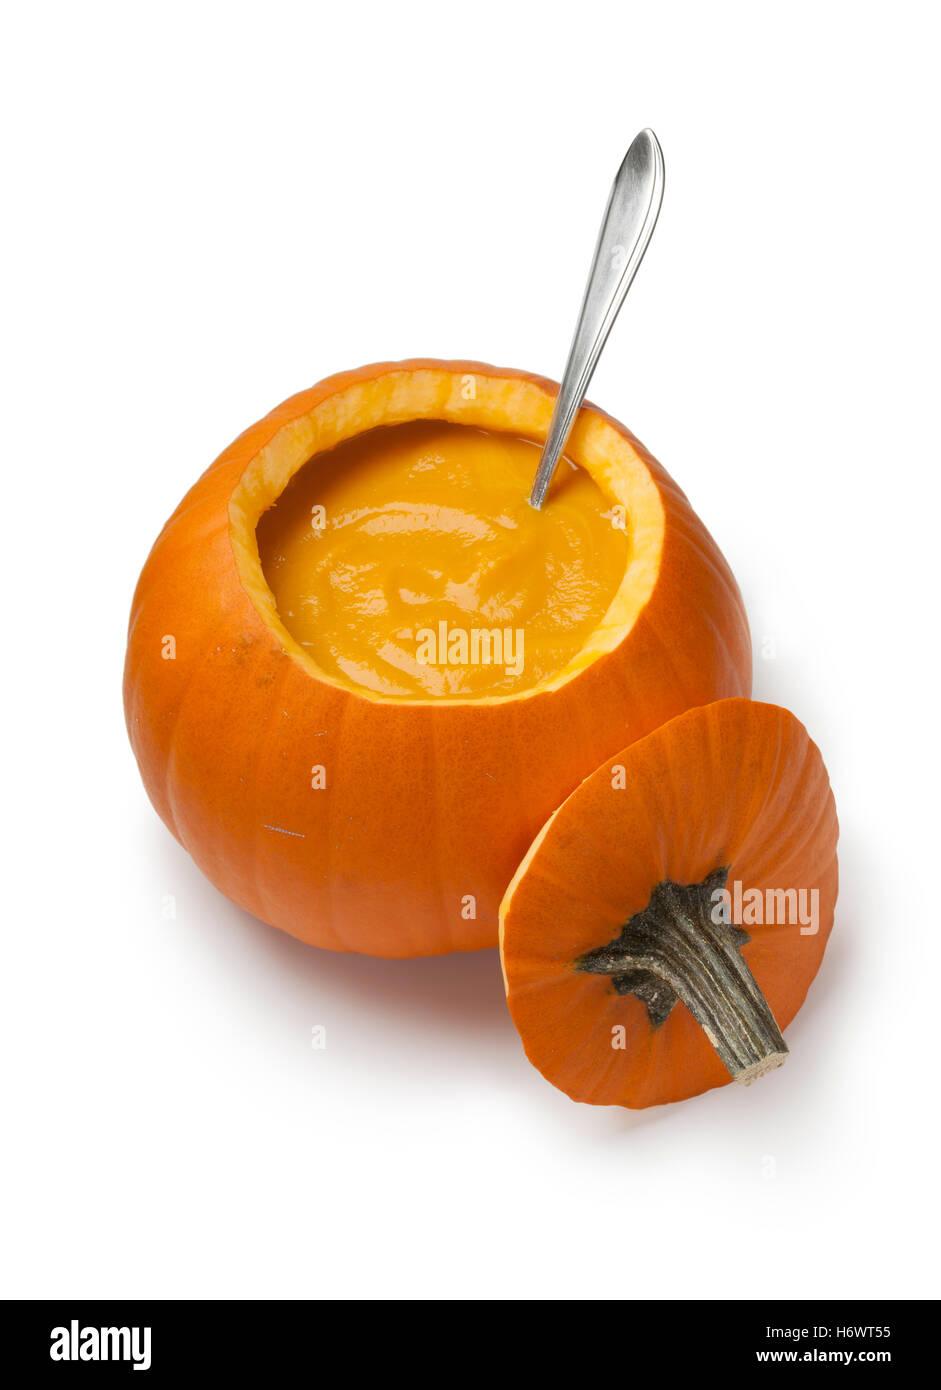 Sopa de calabaza recién hechas en un naranja calabaza sobre fondo blanco. Foto de stock